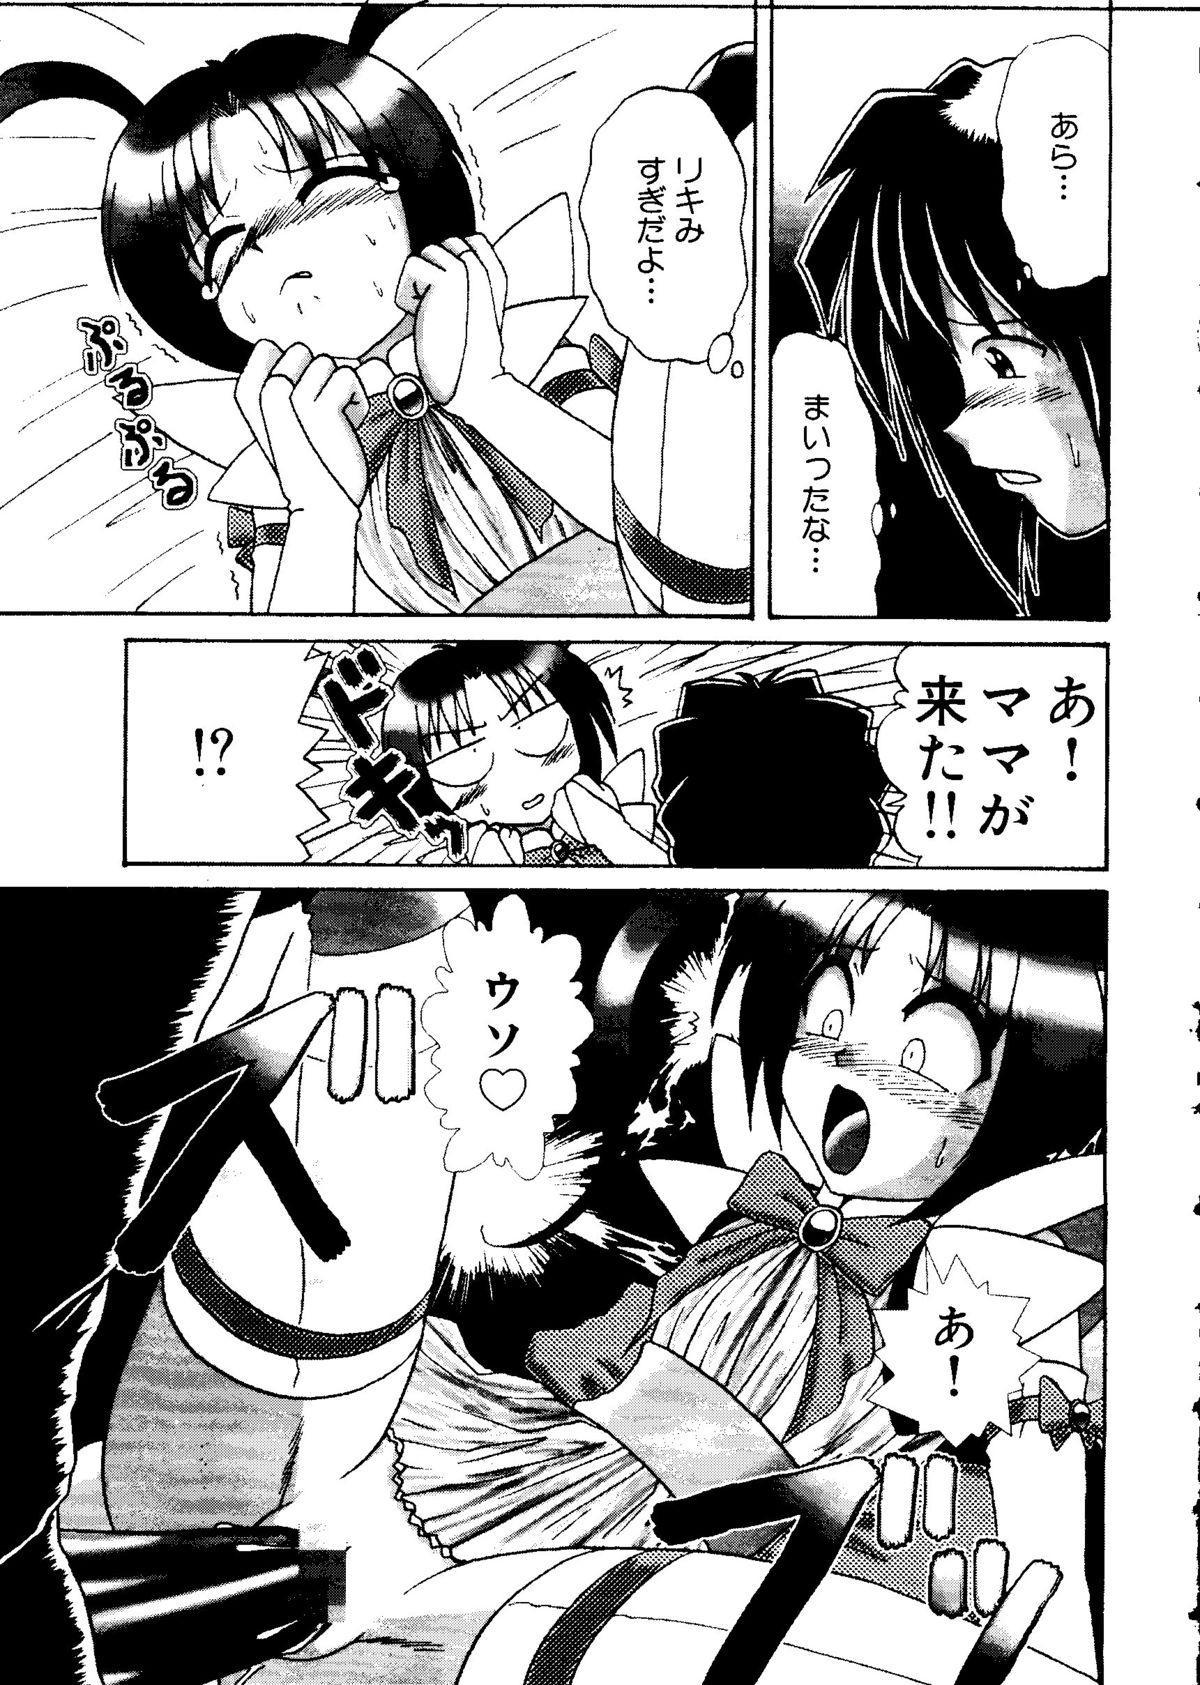 Mujirushi Youhin Vol. 7 133